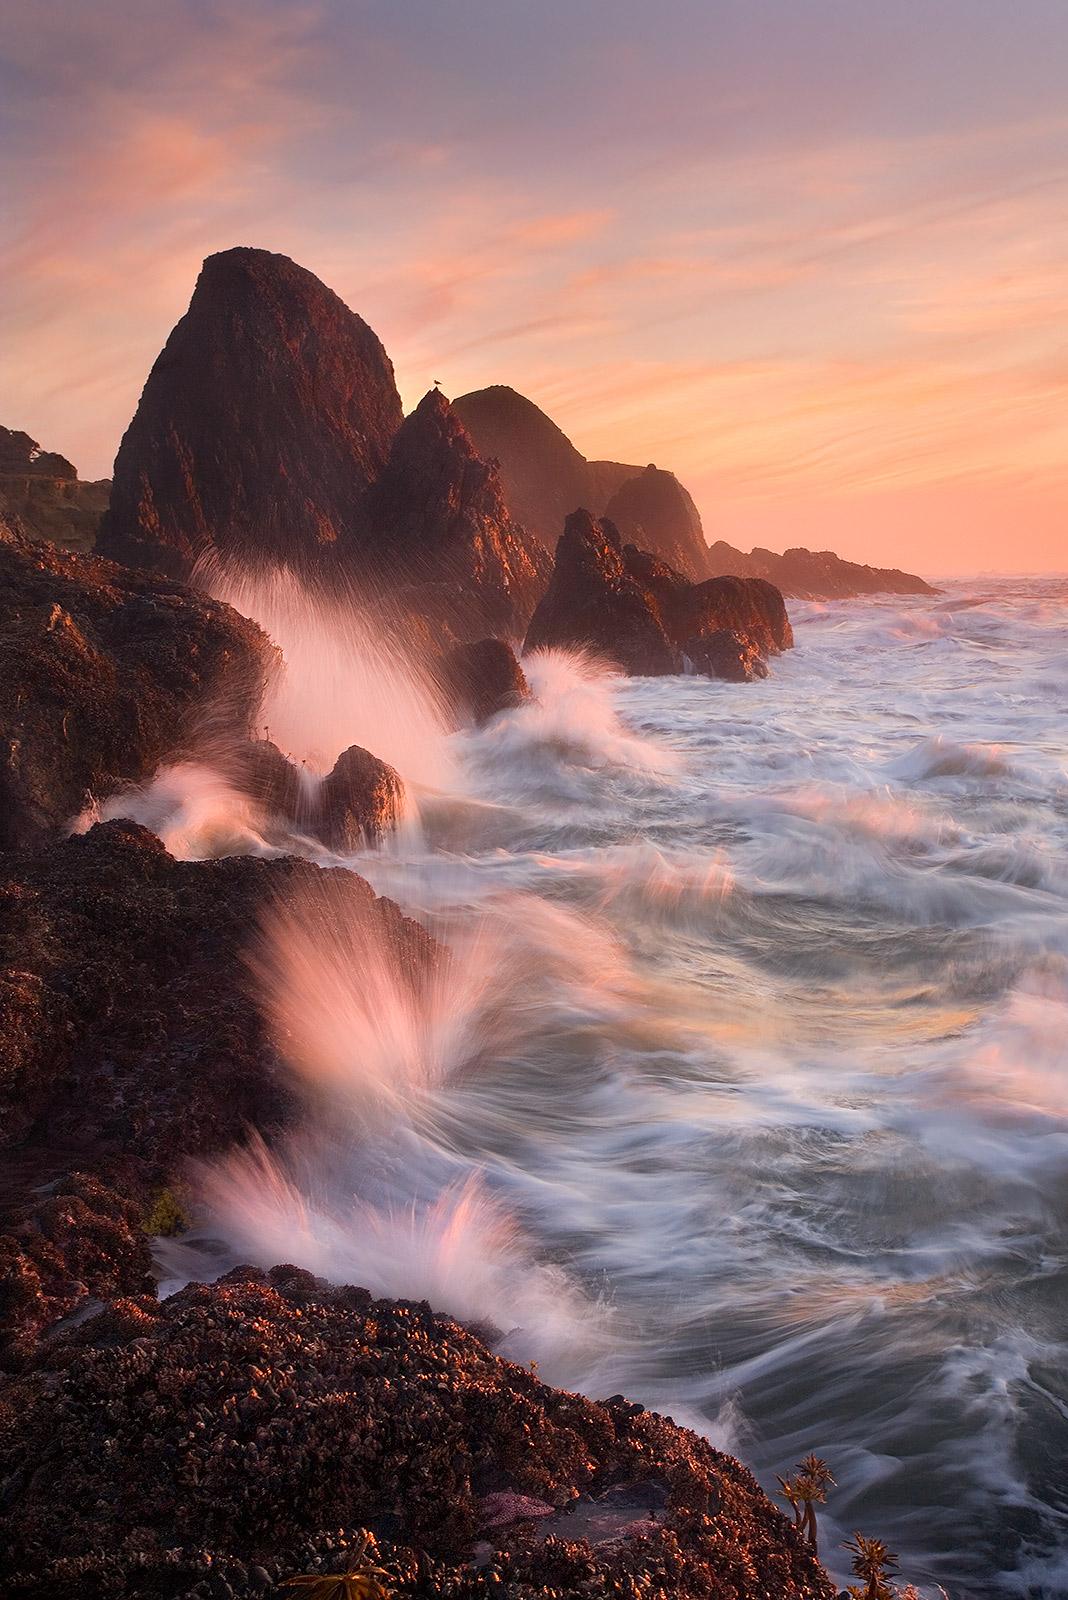 waves, rocks, sunset, oregon, coast, photo